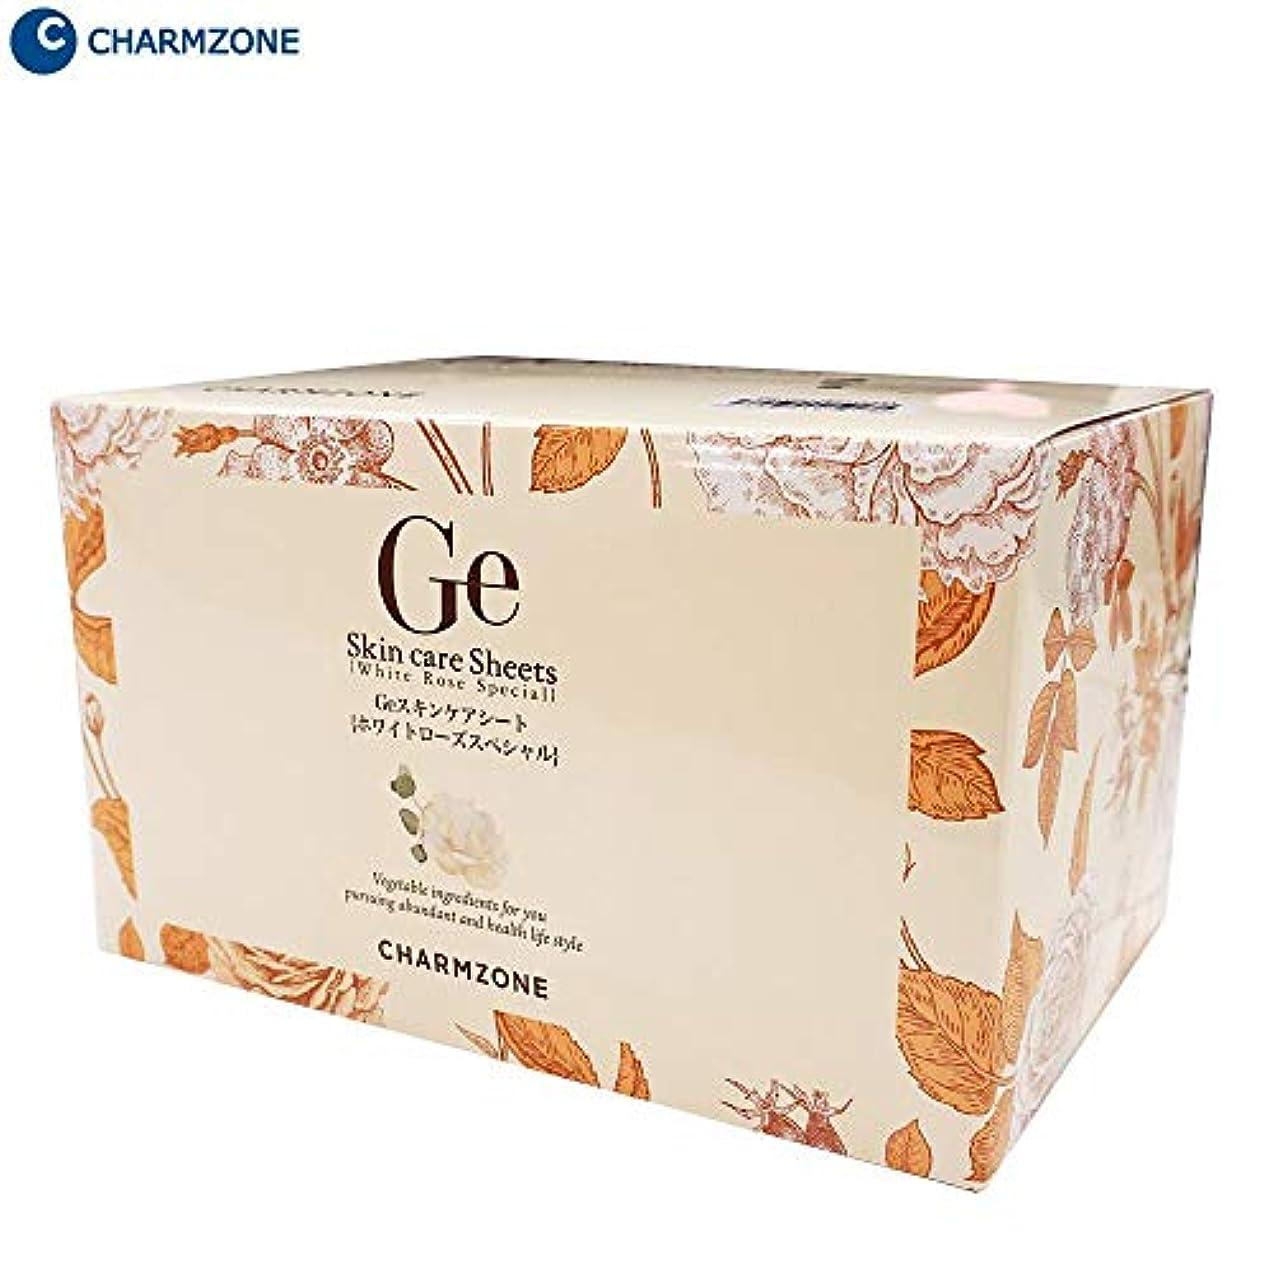 臭いく提供韓国コスメ チャームゾーン Geスキンケアシート 370枚(1包60枚×3個+1包10枚×19個)セット ホワイトローズスペシャル WRSP37